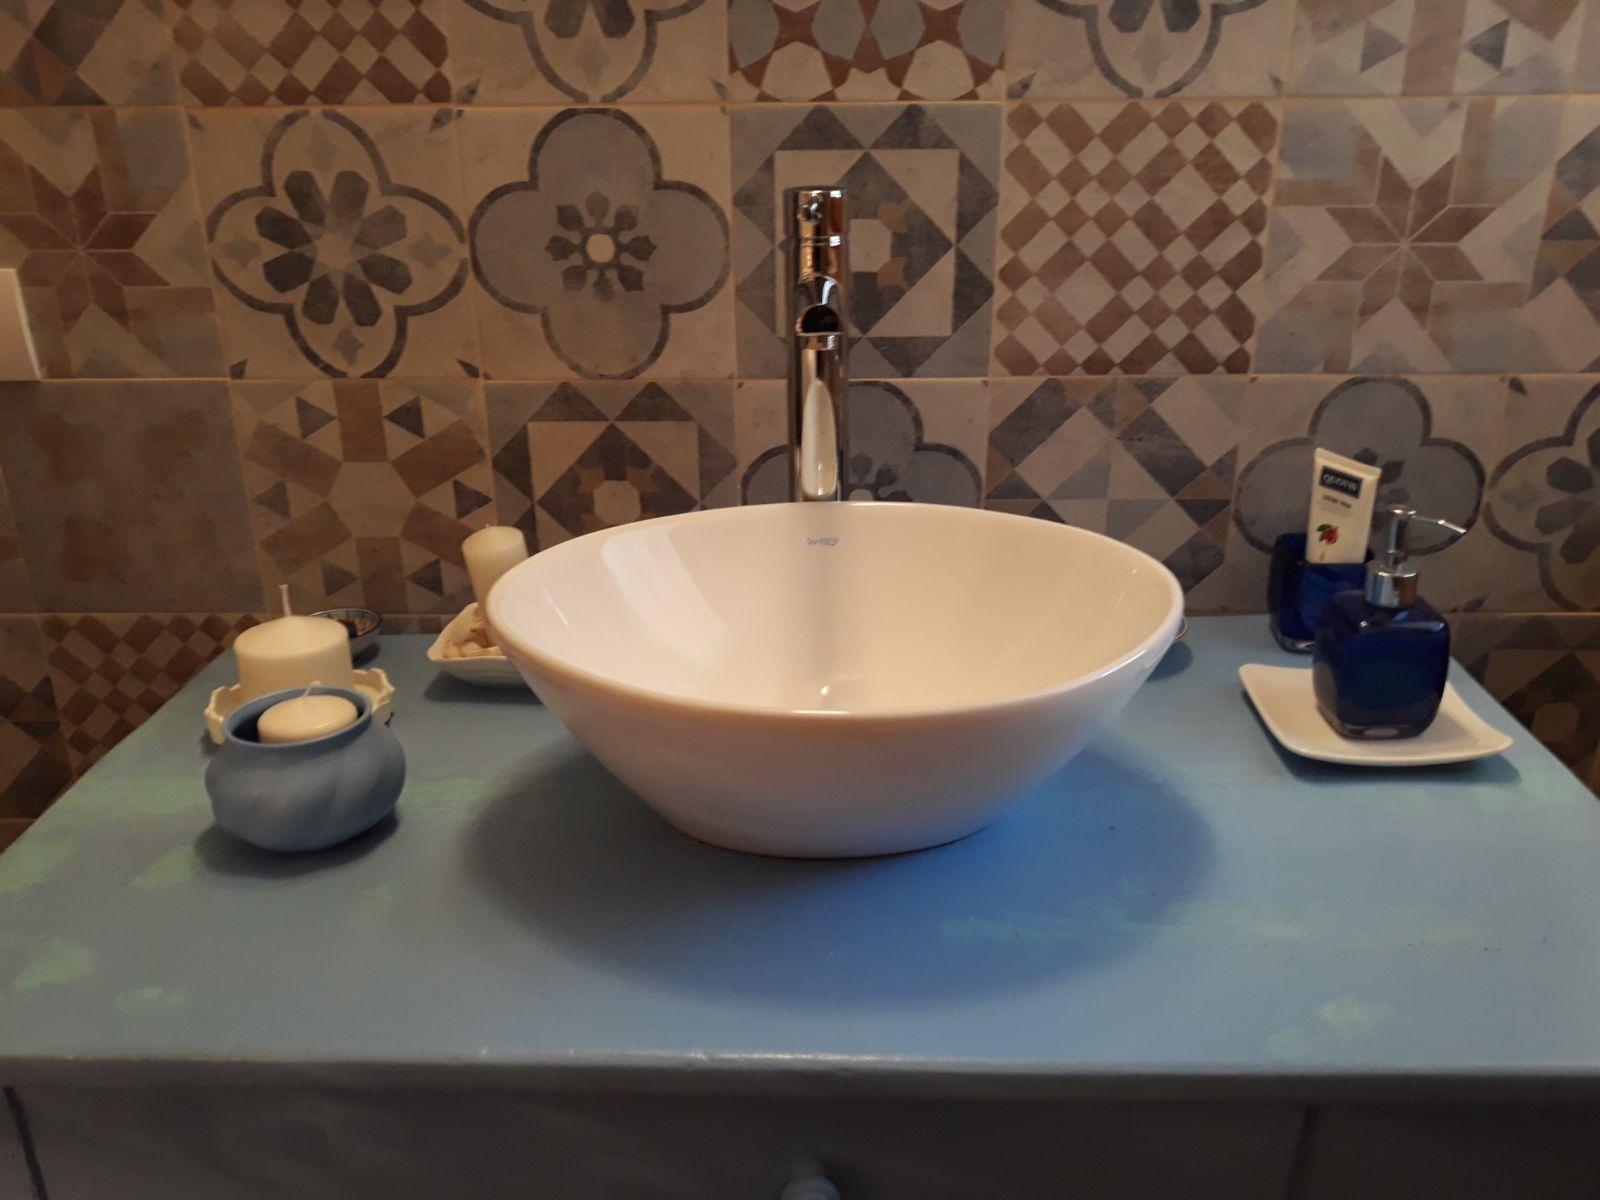 Costo imbianchino a roma per casa di 80 mq appartamento di - Rifare bagno costo ...